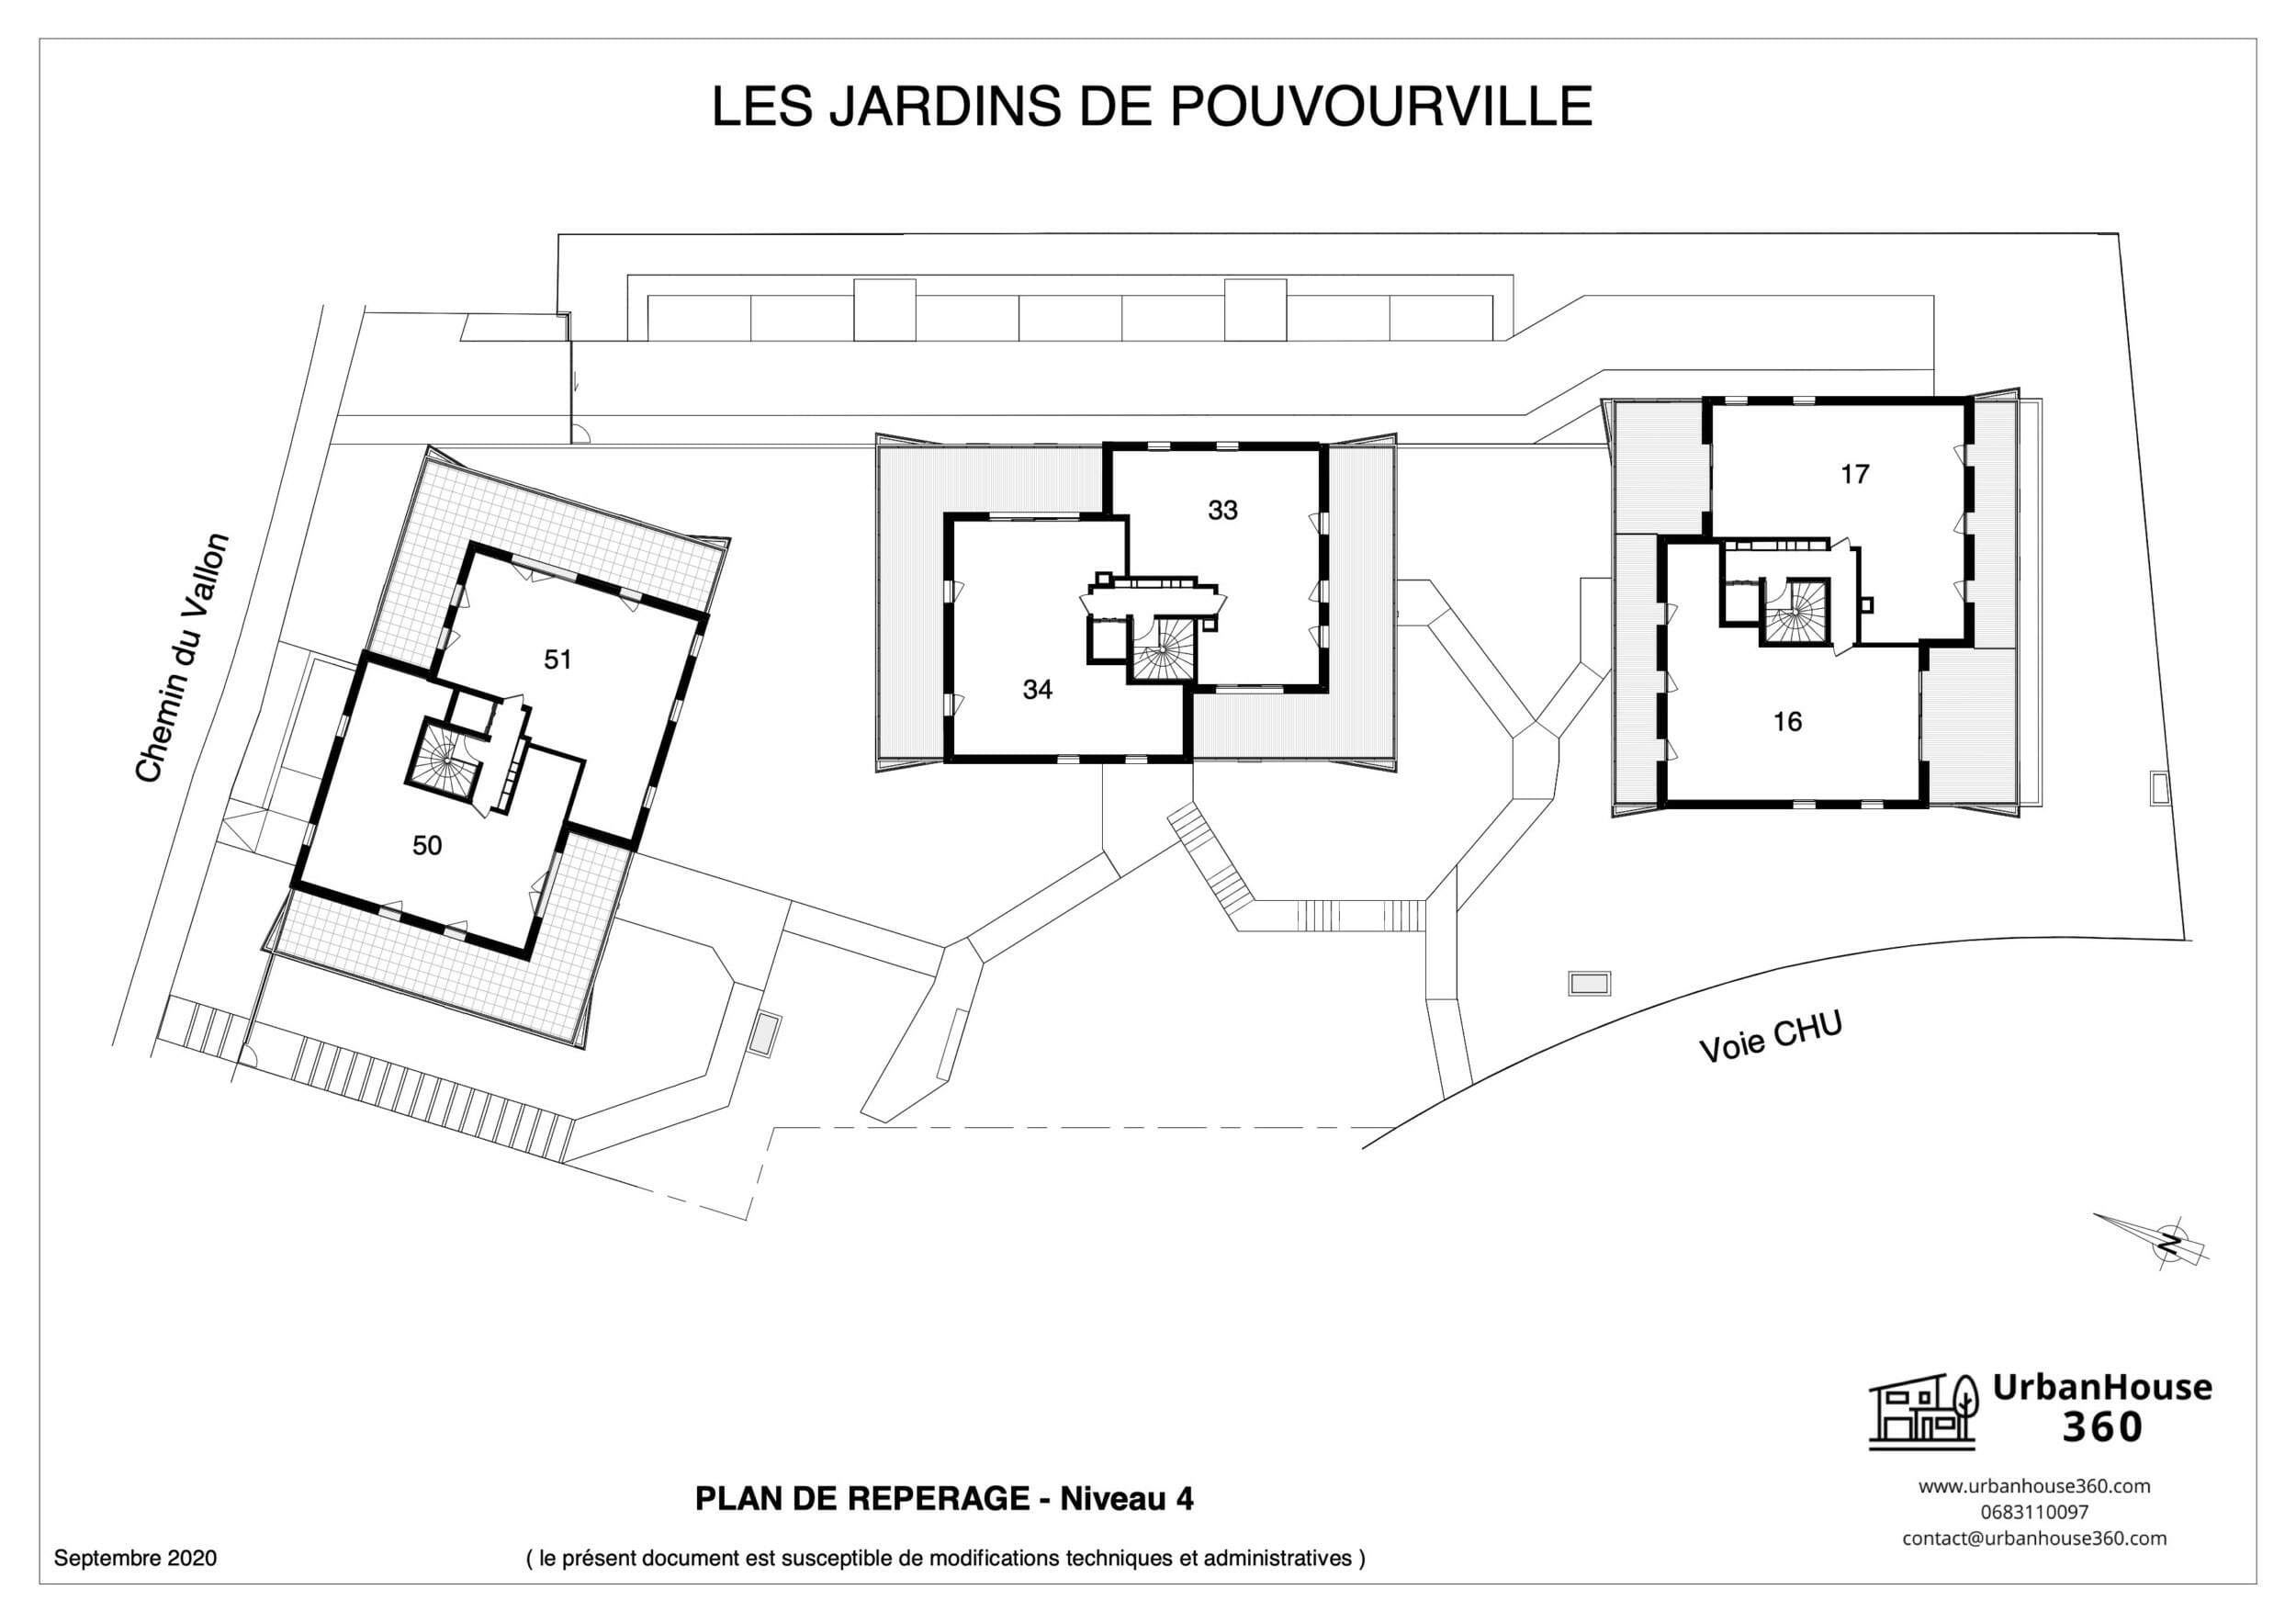 UrbanHouse360-plans_de_reperage-les_jardins_de_pouvourville 5